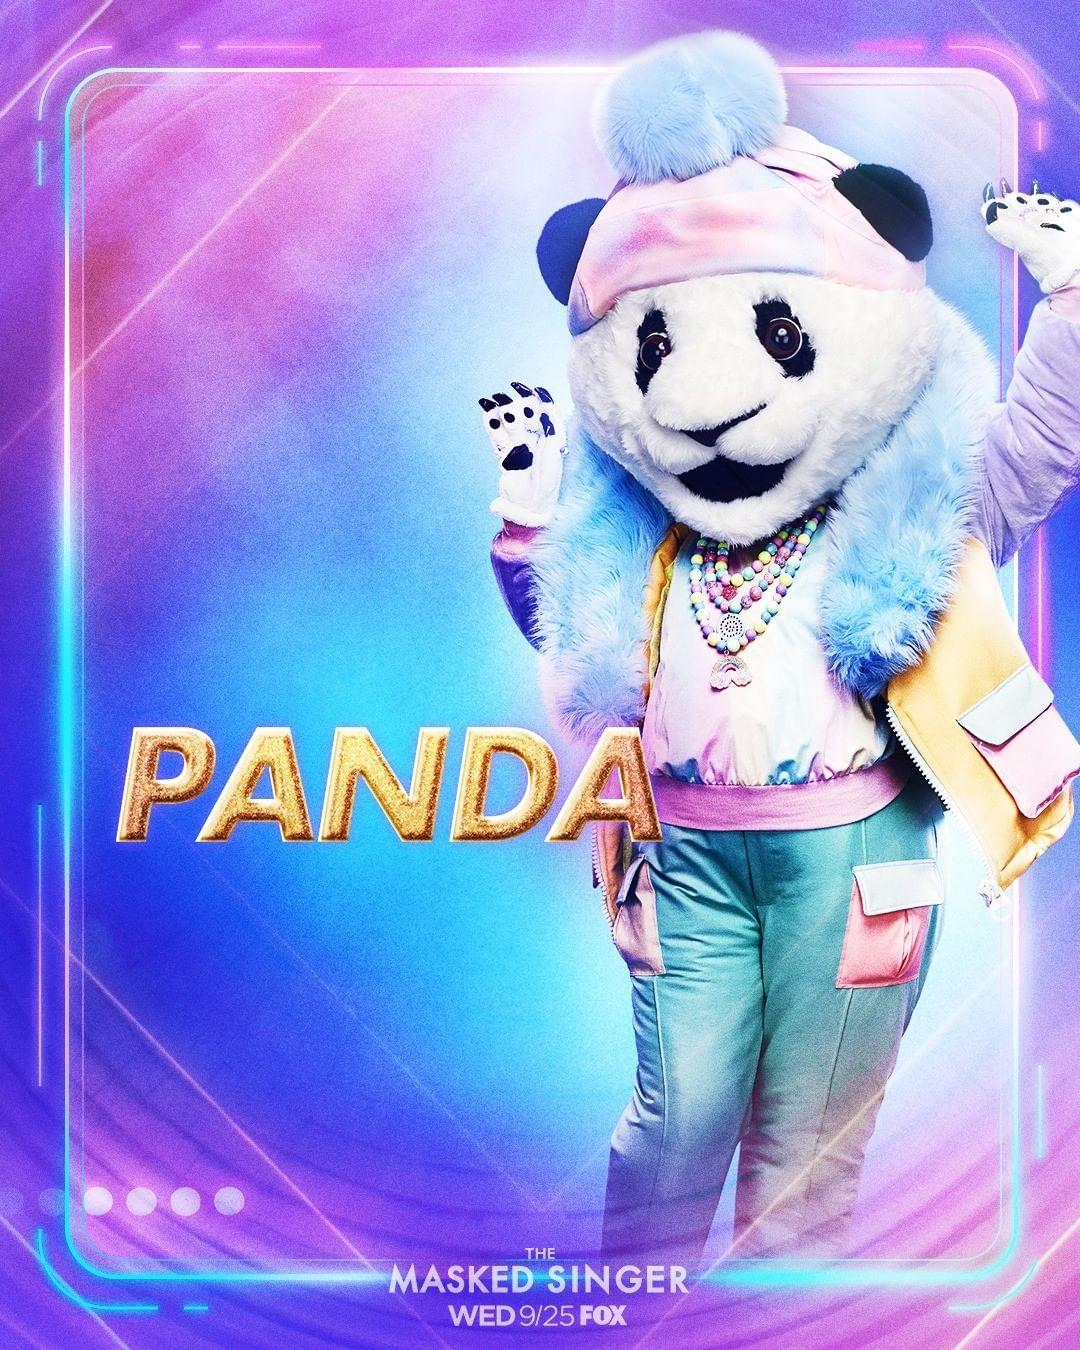 panda-masked-singer-1569442063764.jpg